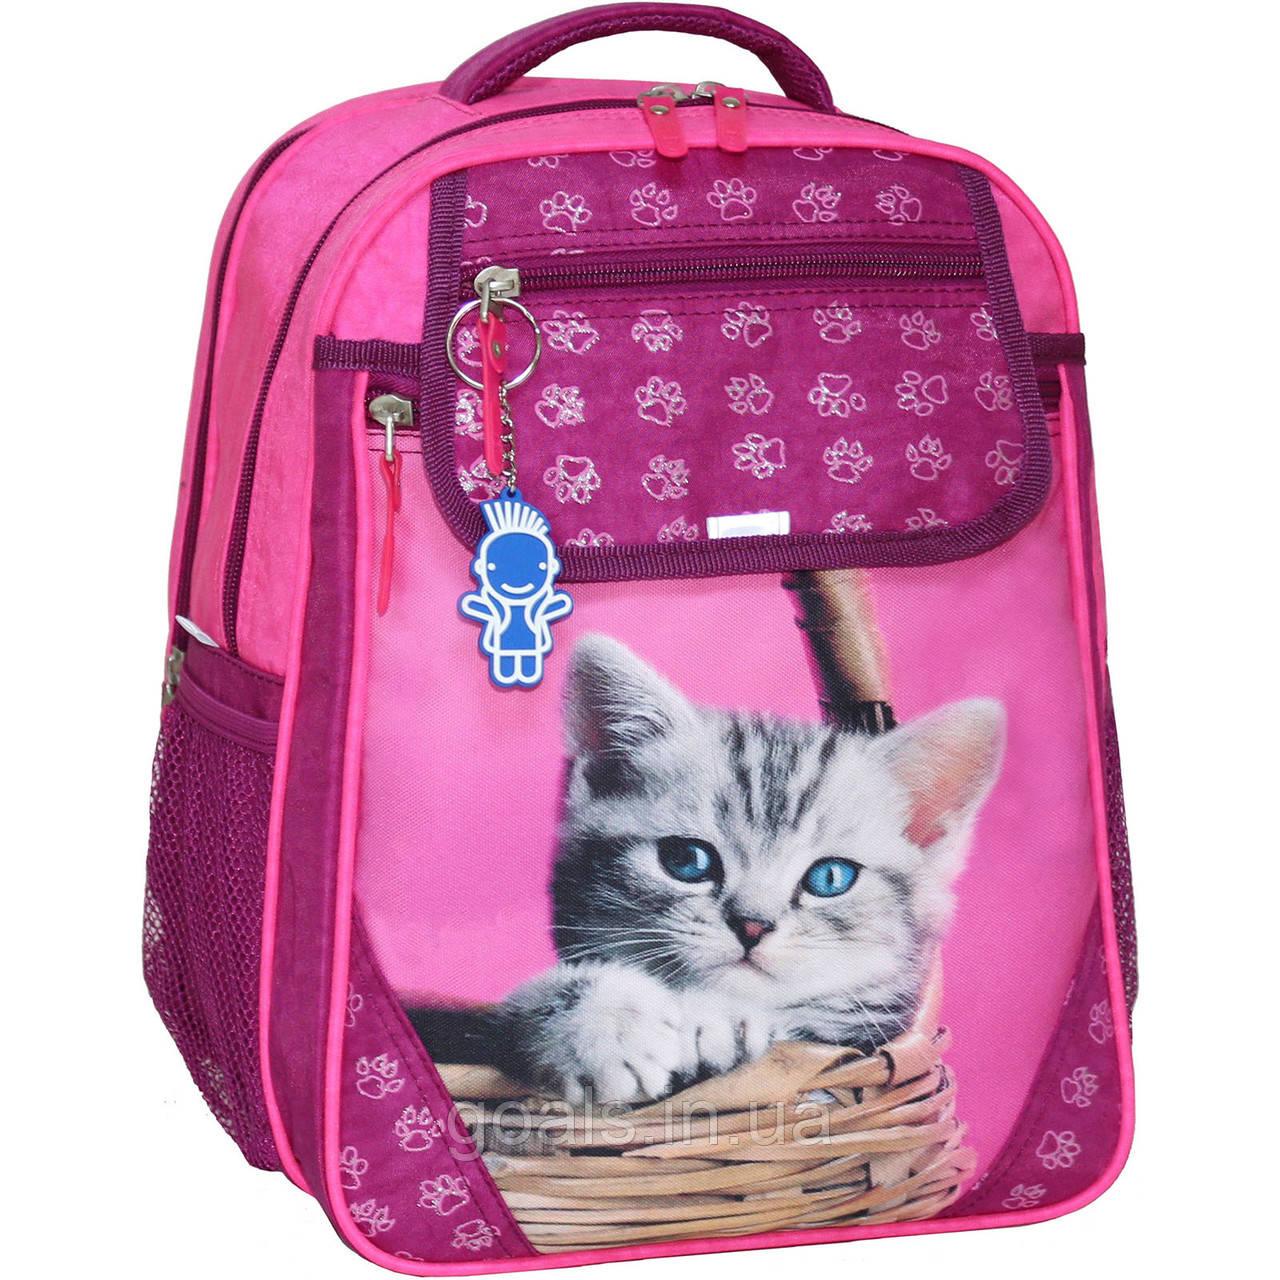 Рюкзак школьный Bagland Отличник 20 л. Малина (котенок в корзинке) (0058070)